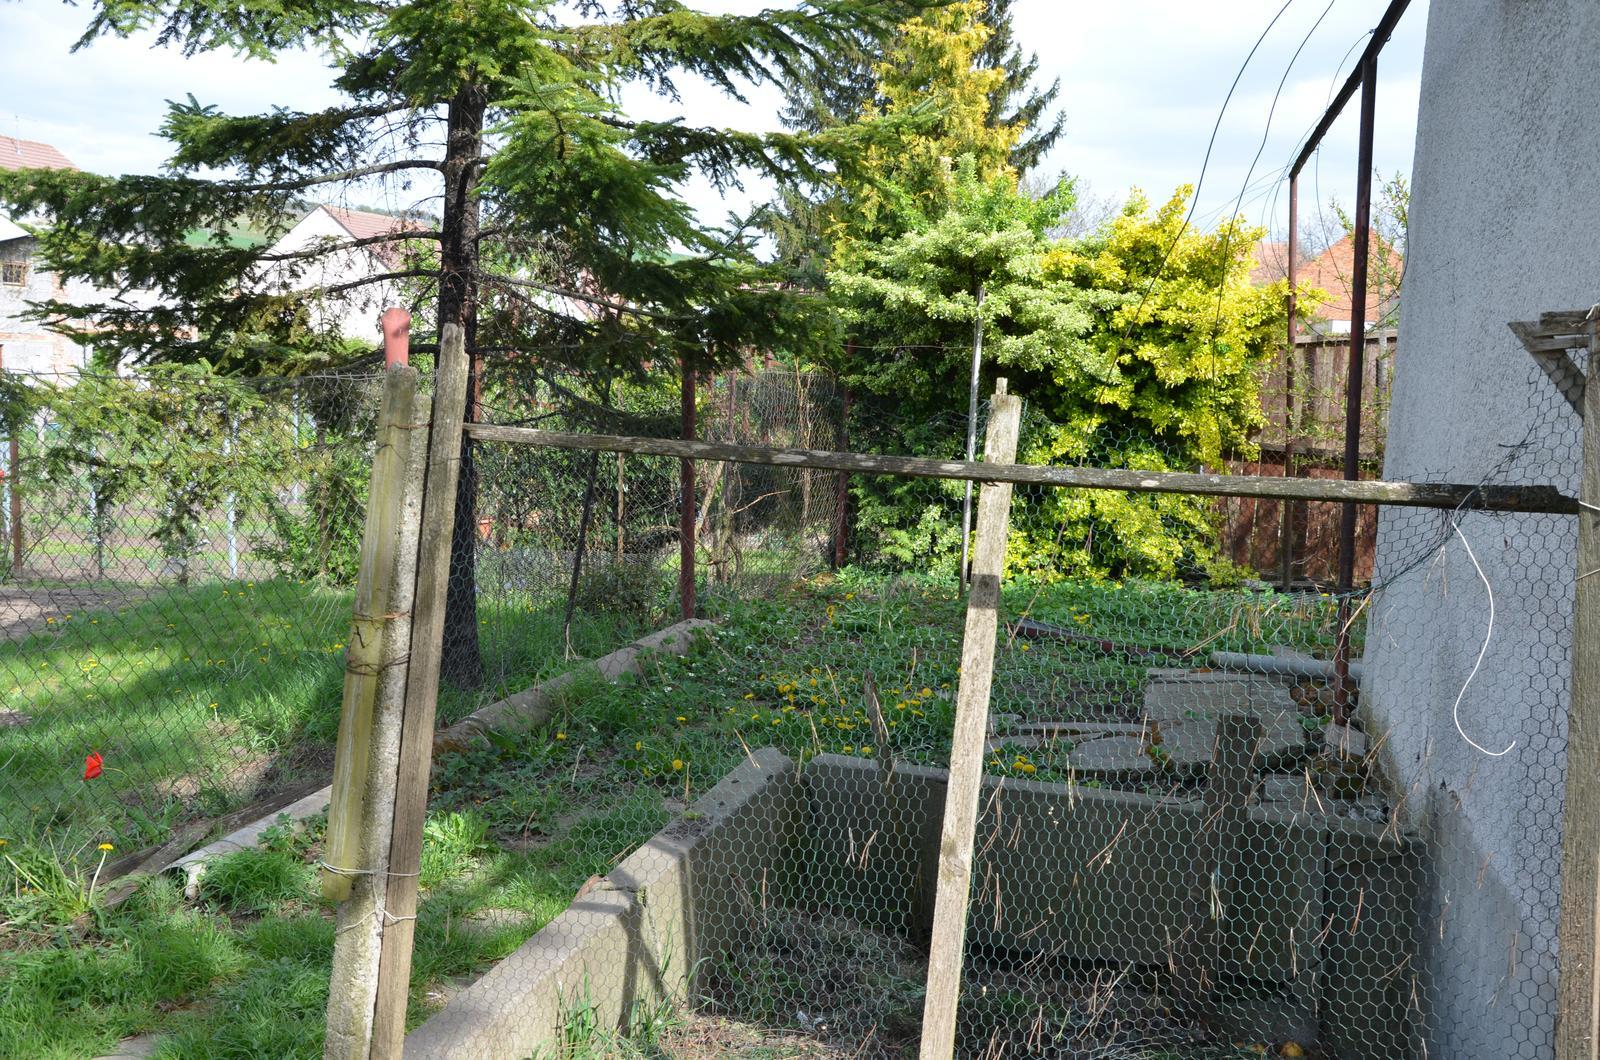 Vysněná zahrada... - kolem sklepu doprava....hnojník (asi zasypeme? stejně nekompostuje, jenom schne, pořídíme kompost na konec pozemku)